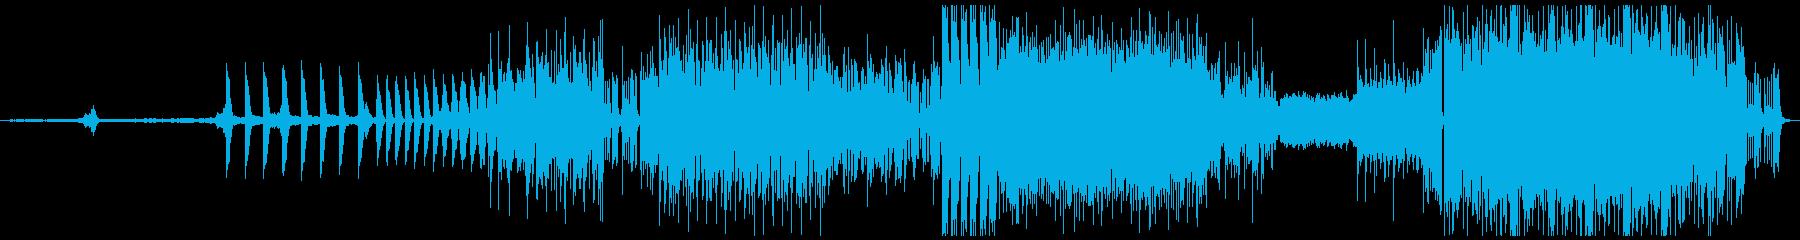 映画のサウンドトラックの再生済みの波形